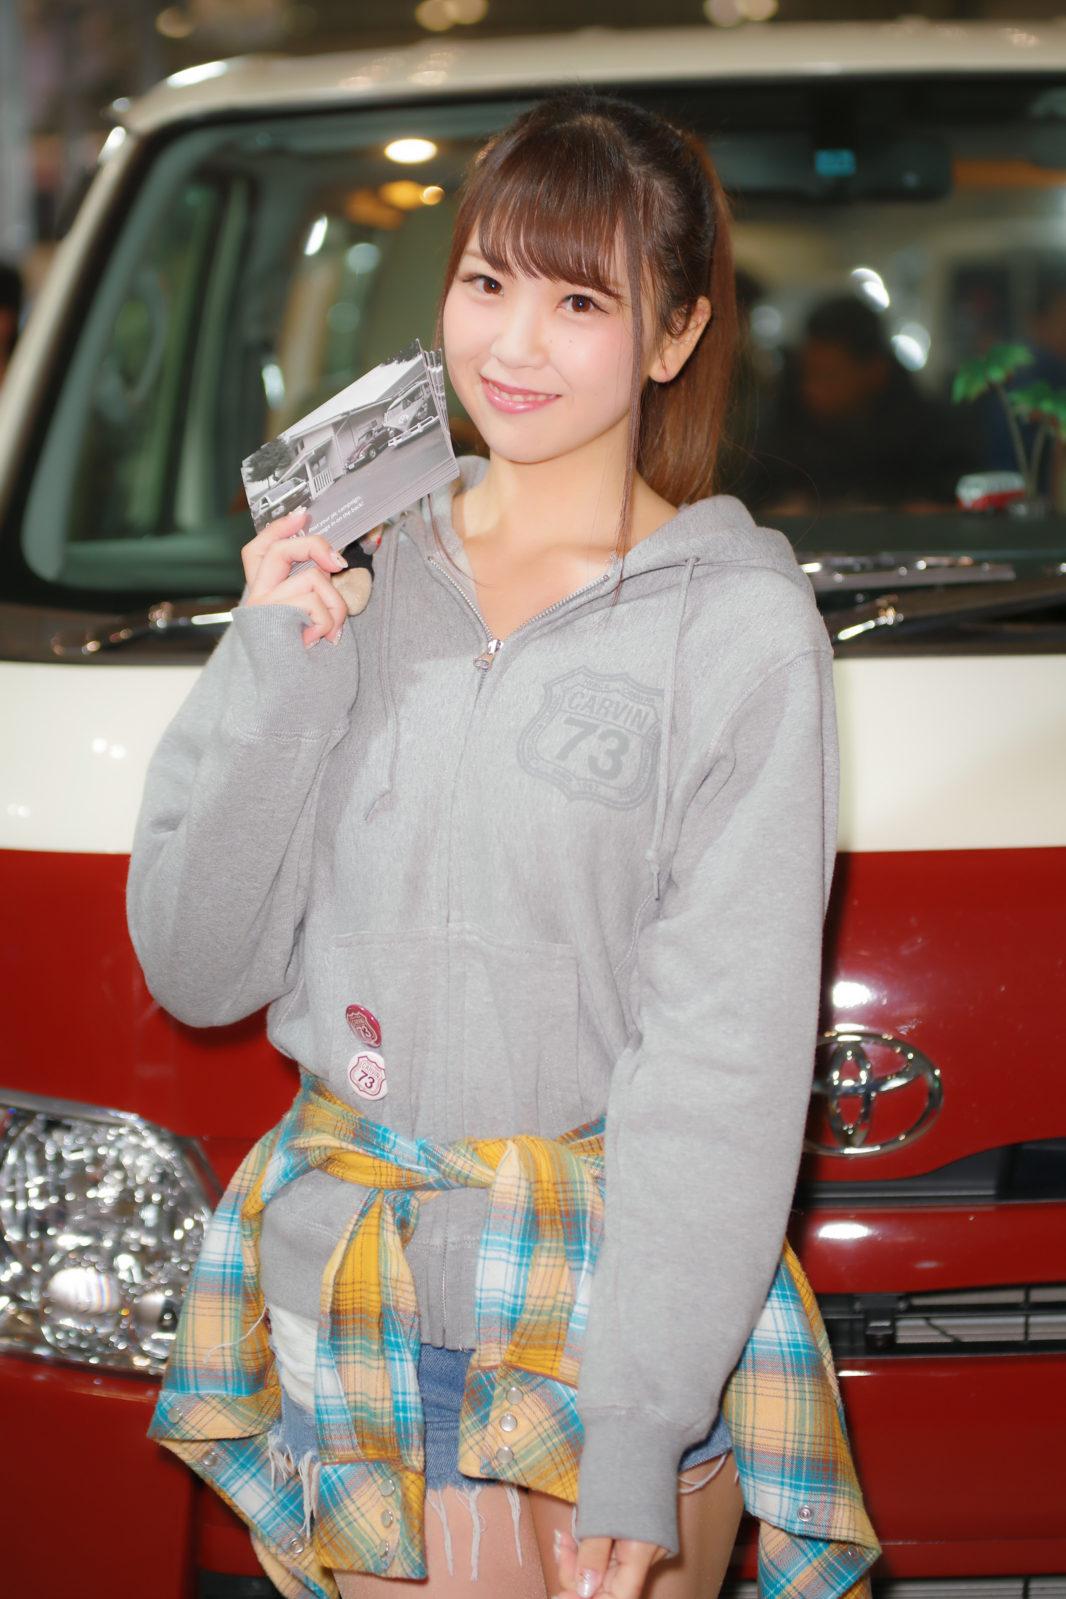 ブース不明のお姉さん | PENTAX K-1&D FA★70-200mm&AF540FGZ